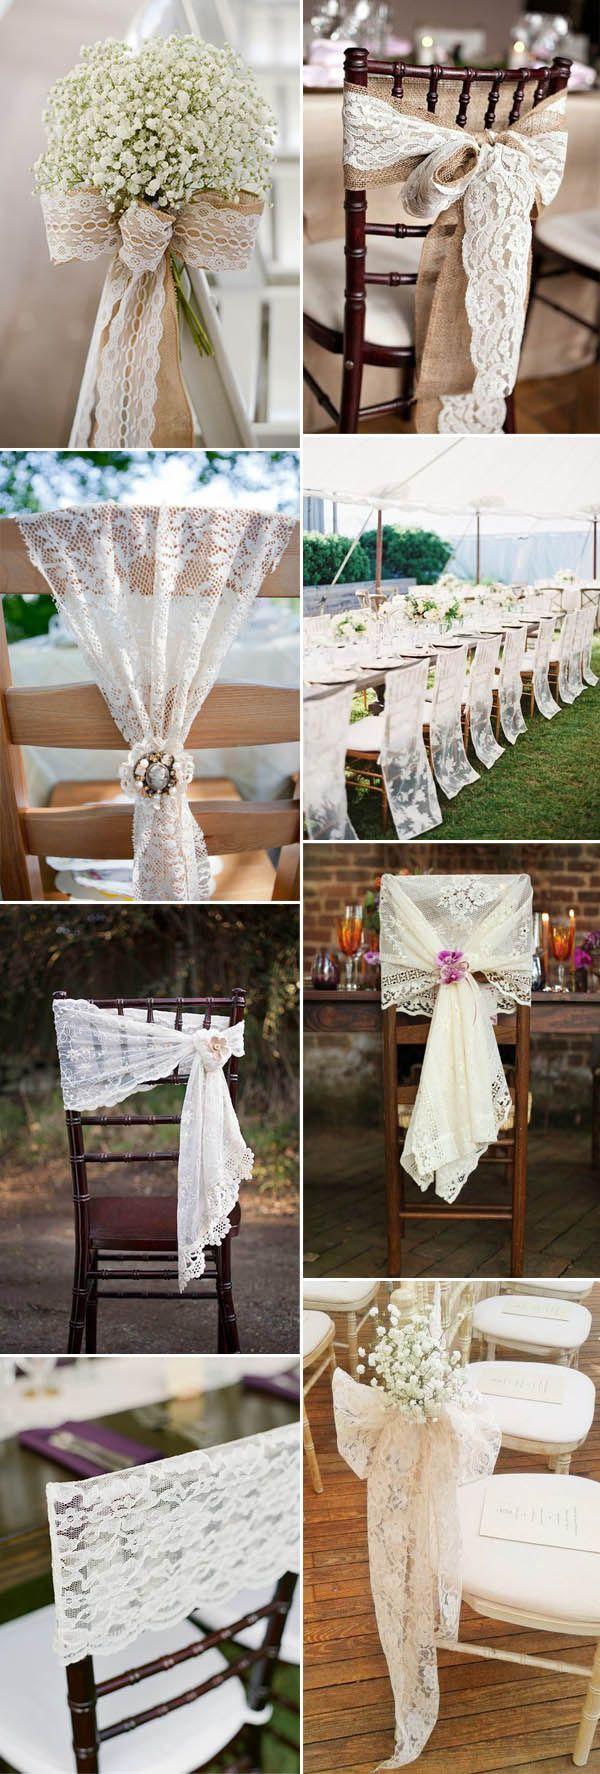 Vintage Hochzeit Stuhl Dekor Ideen mit Spitze